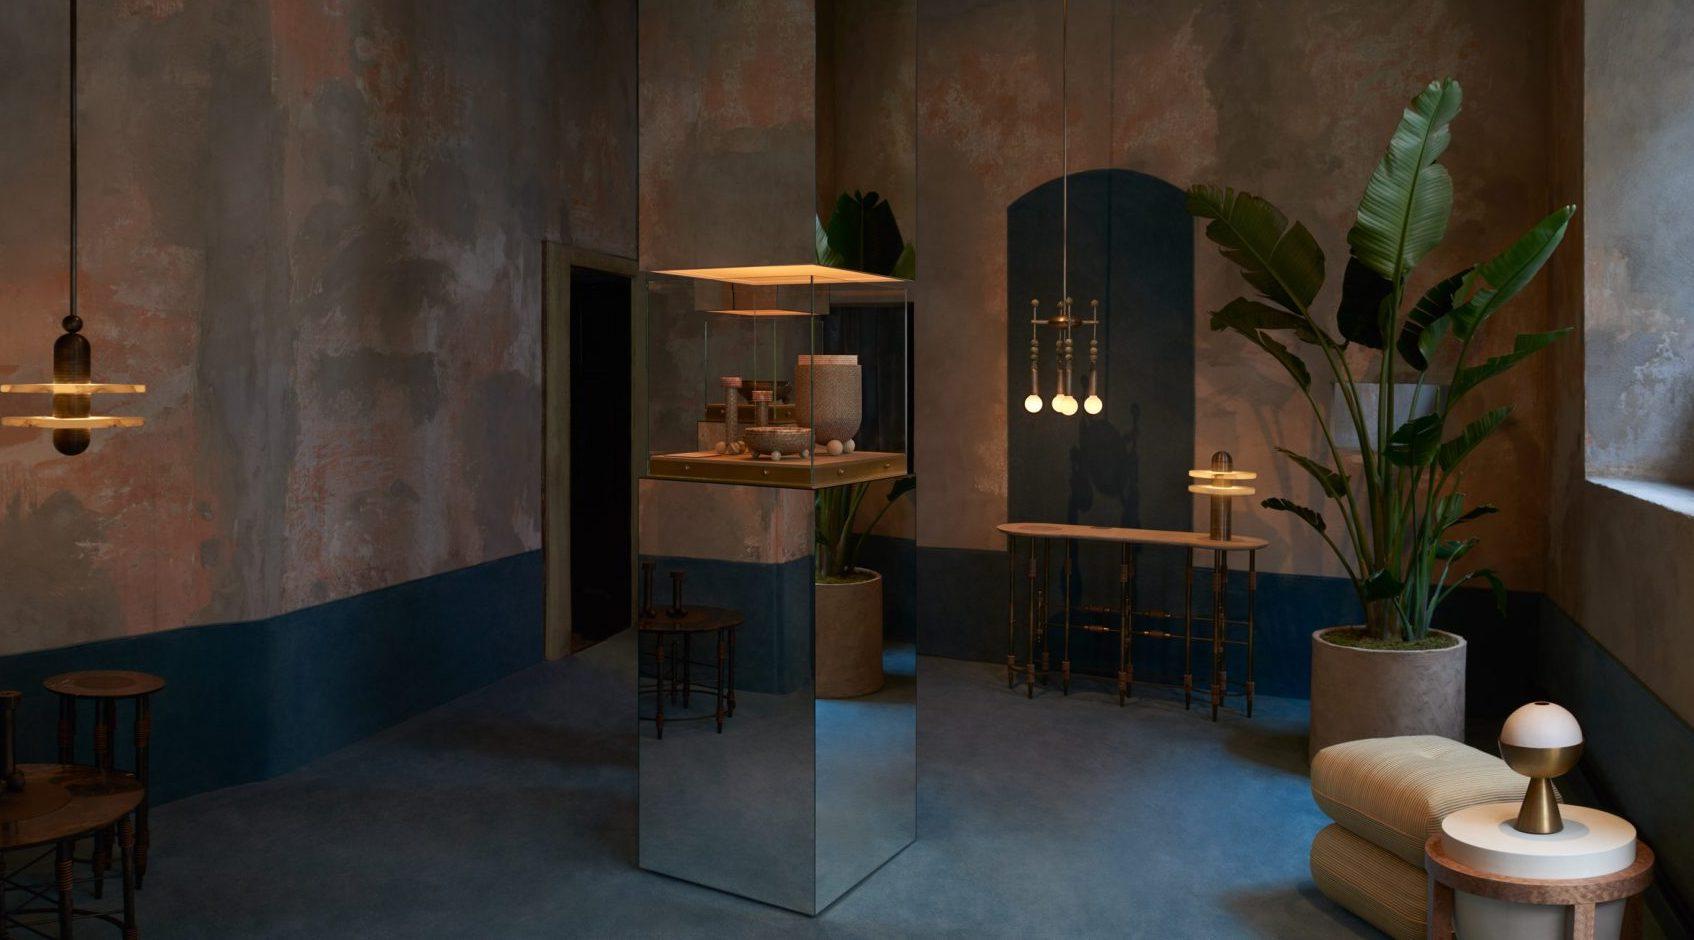 Elite company provides lighting design lighting supply for lighting